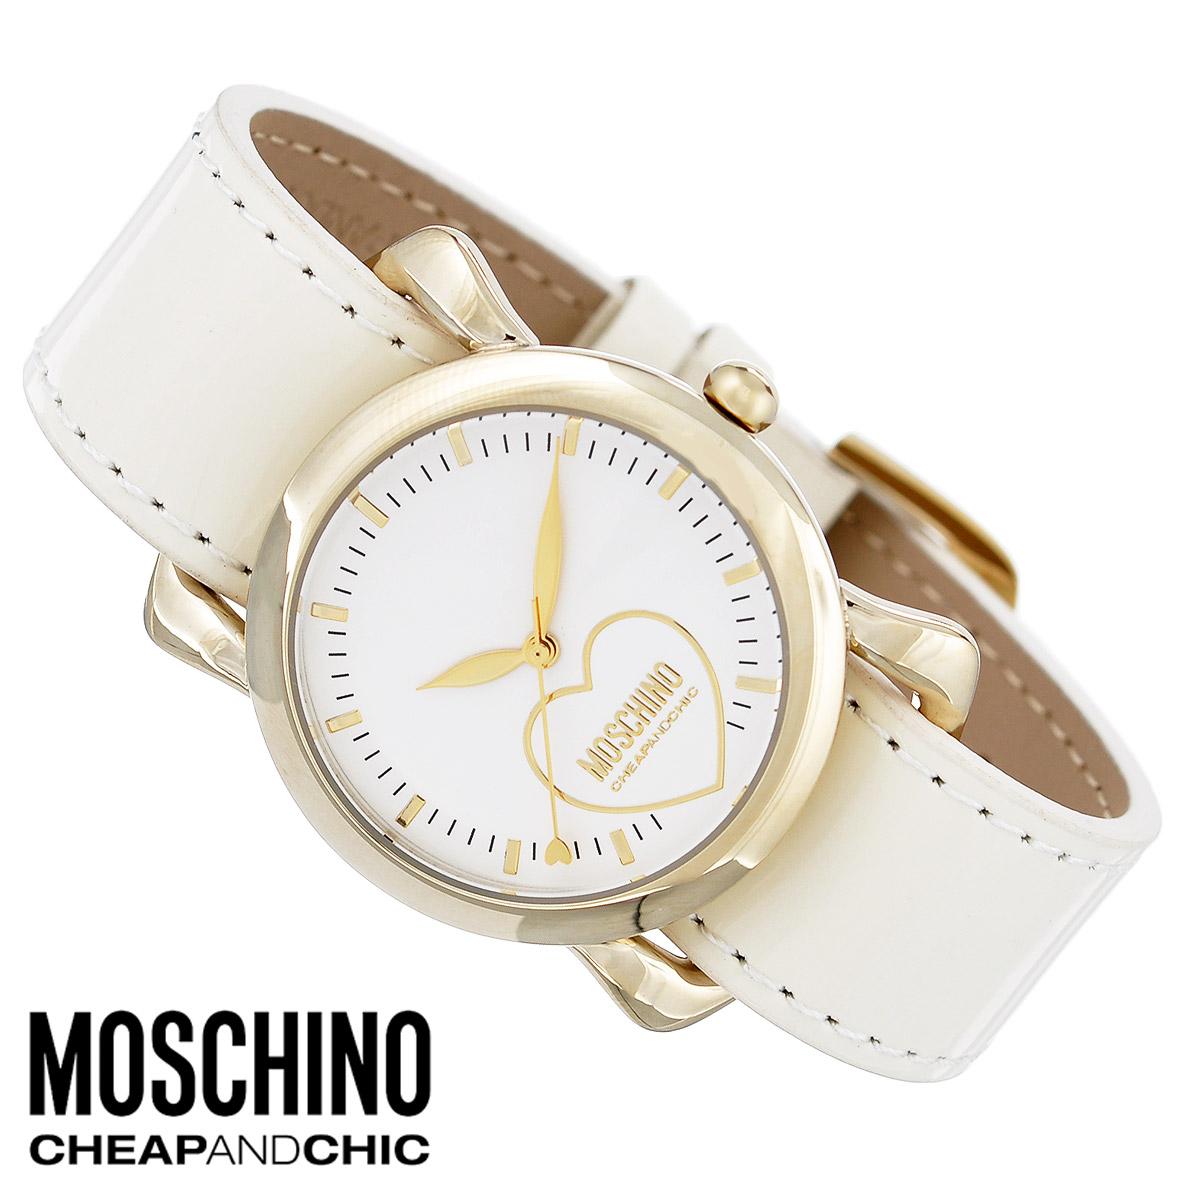 Часы женские наручные Moschino, цвет: кремовый. MW0476MW0476Наручные часы от известного итальянского бренда Moschino - это не только стильный и функциональный аксессуар, но и современные технологи, сочетающиеся с экстравагантным дизайном и индивидуальностью. Часы Moschino оснащены кварцевым механизмом. Корпус выполнен из высококачественной нержавеющей стали с PVD-покрытием. Циферблат оформлен сердцем с логотипом бренда и защищен минеральным стеклом. Часы имеют три стрелки - часовую, минутную и секундную. Часы можно носить как на шелковом фирменном платке, так и на ремешке из натуральной лаковой кожи. Платок также можно использовать в качестве самостоятельного аксессуара на шее или украсить им сумочку. Часы упакованы в фирменную металлическую коробку с логотипом бренда. Часы Moschino благодаря своему уникальному дизайну отличаются от часов других марок своеобразными циферблатами, функциональностью, а также набором уникальных технических свойств. Каждой модели присуща легкая экстравагантность, самобытность и,...